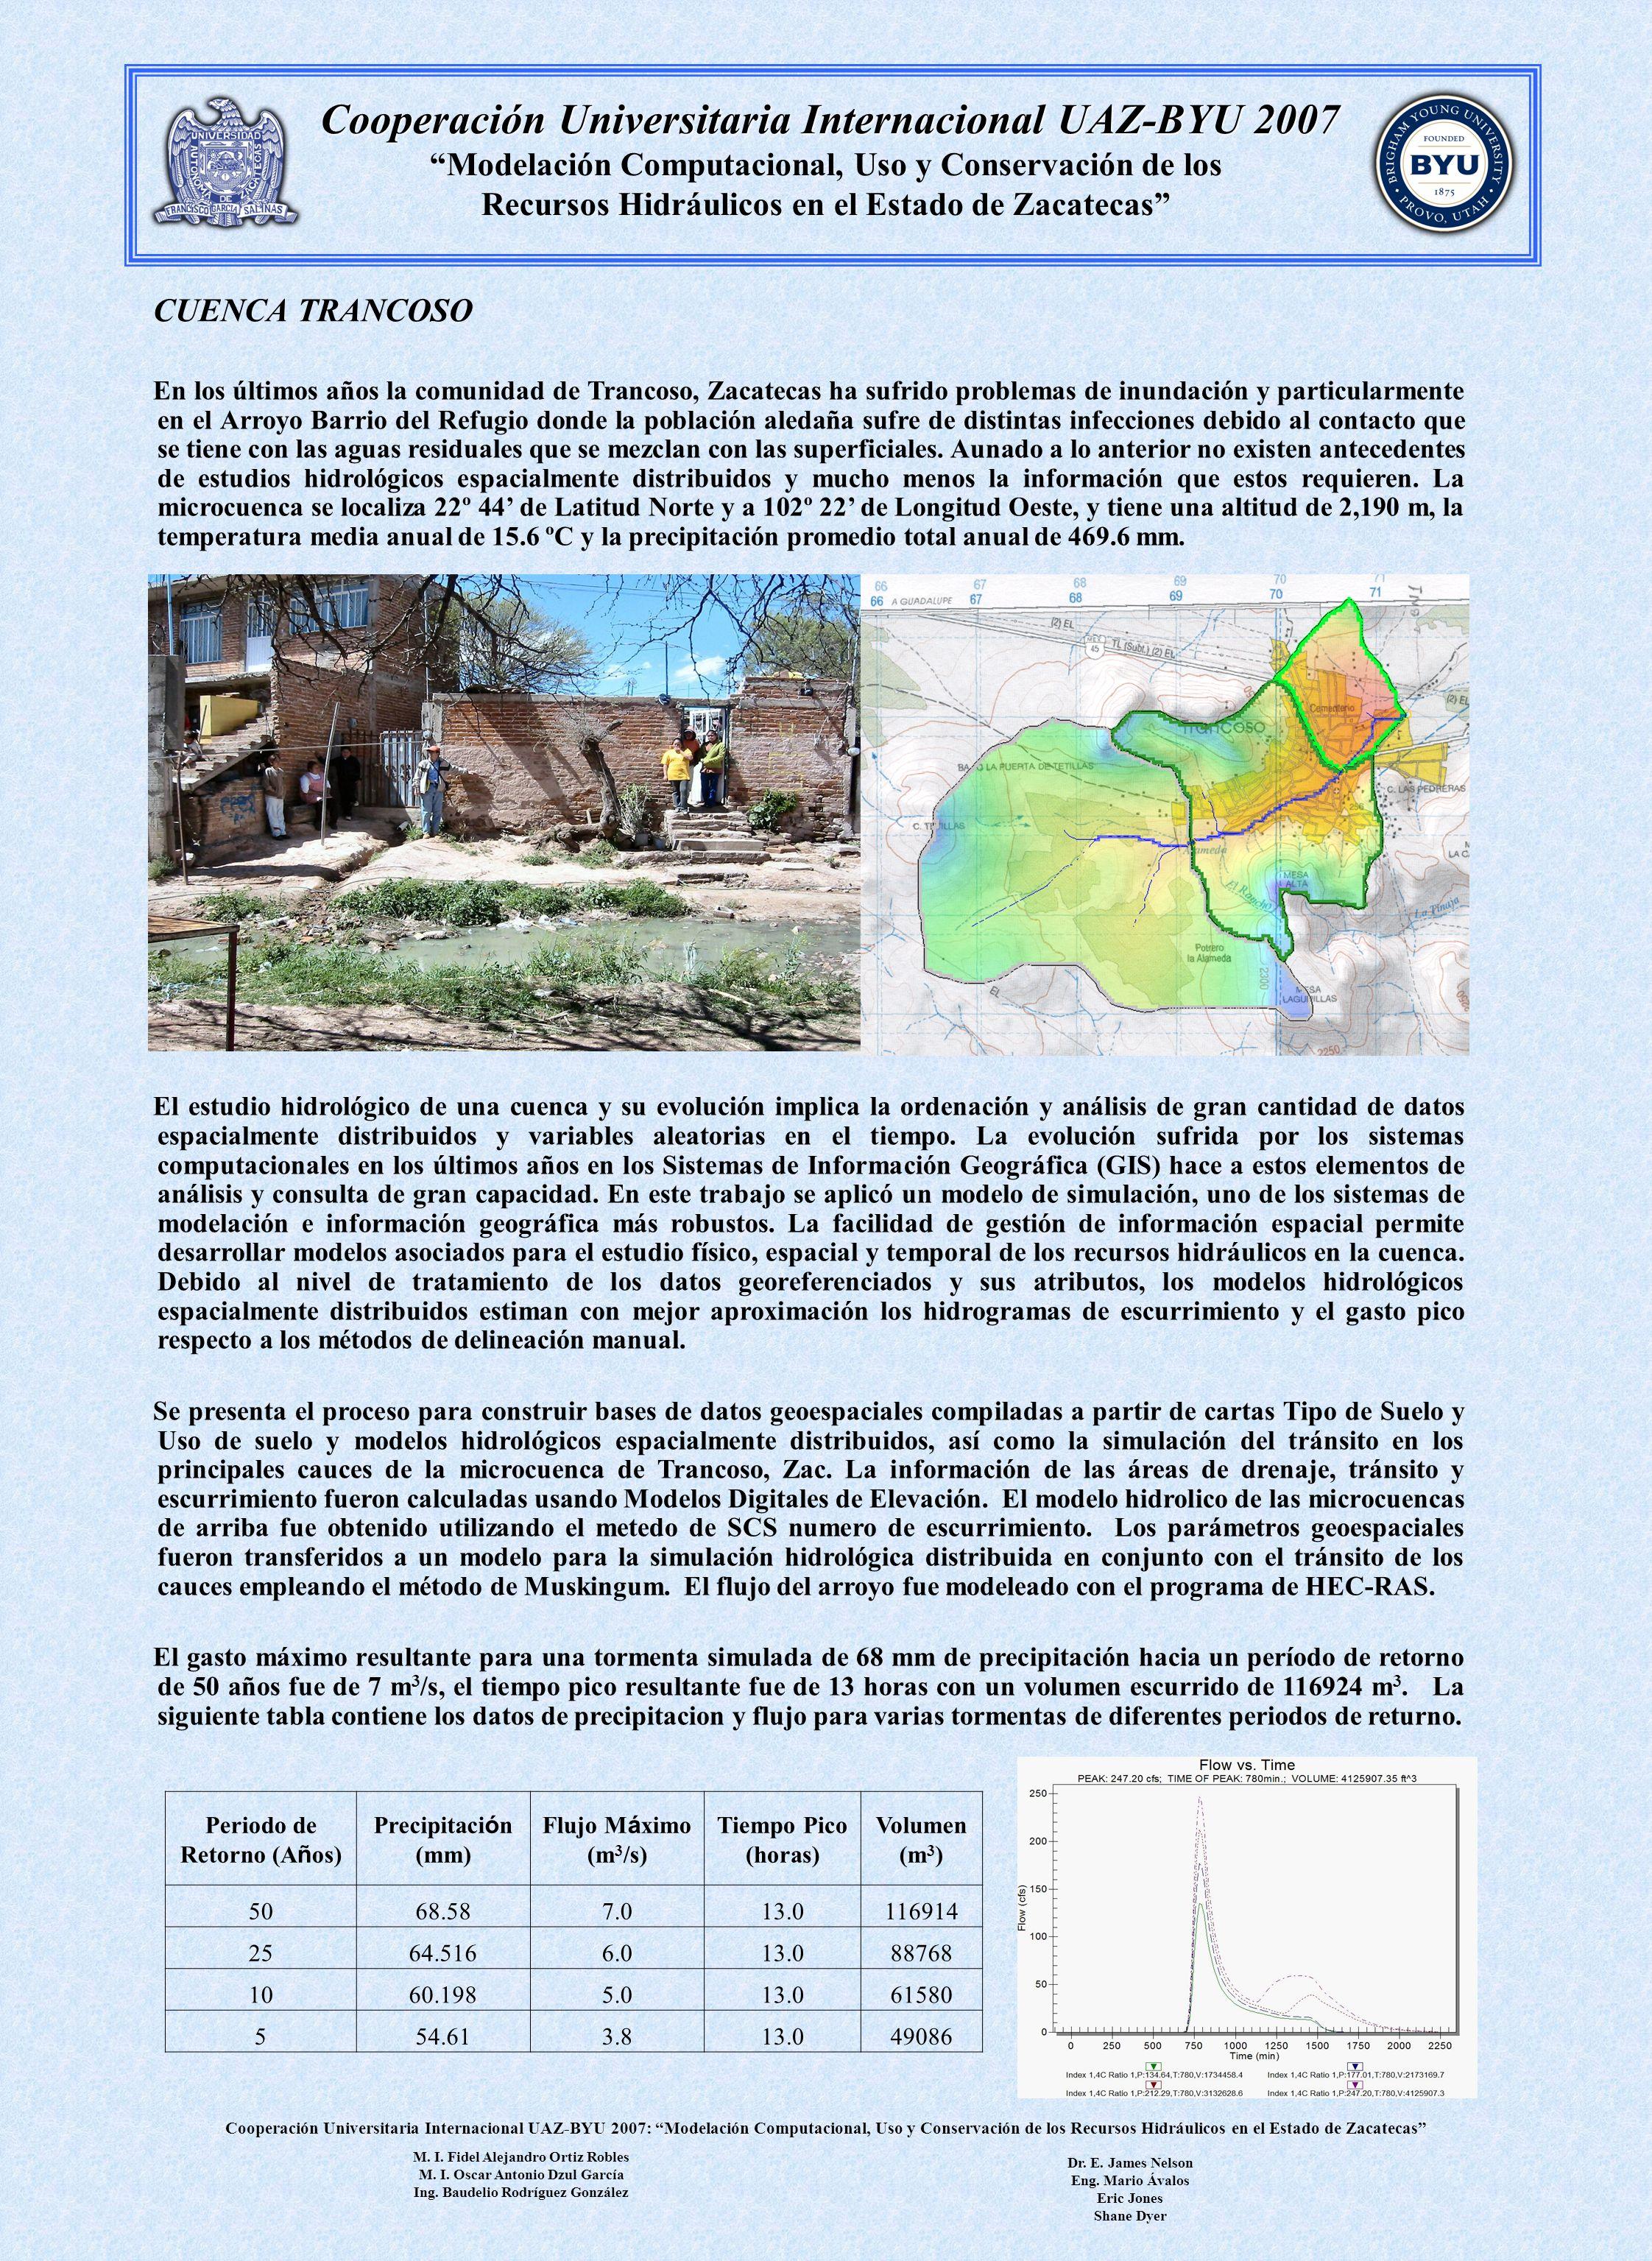 Cooperación Universitaria Internacional UAZ-BYU 2007 Modelación Computacional, Uso y Conservación de los Recursos Hidráulicos en el Estado de Zacatecas